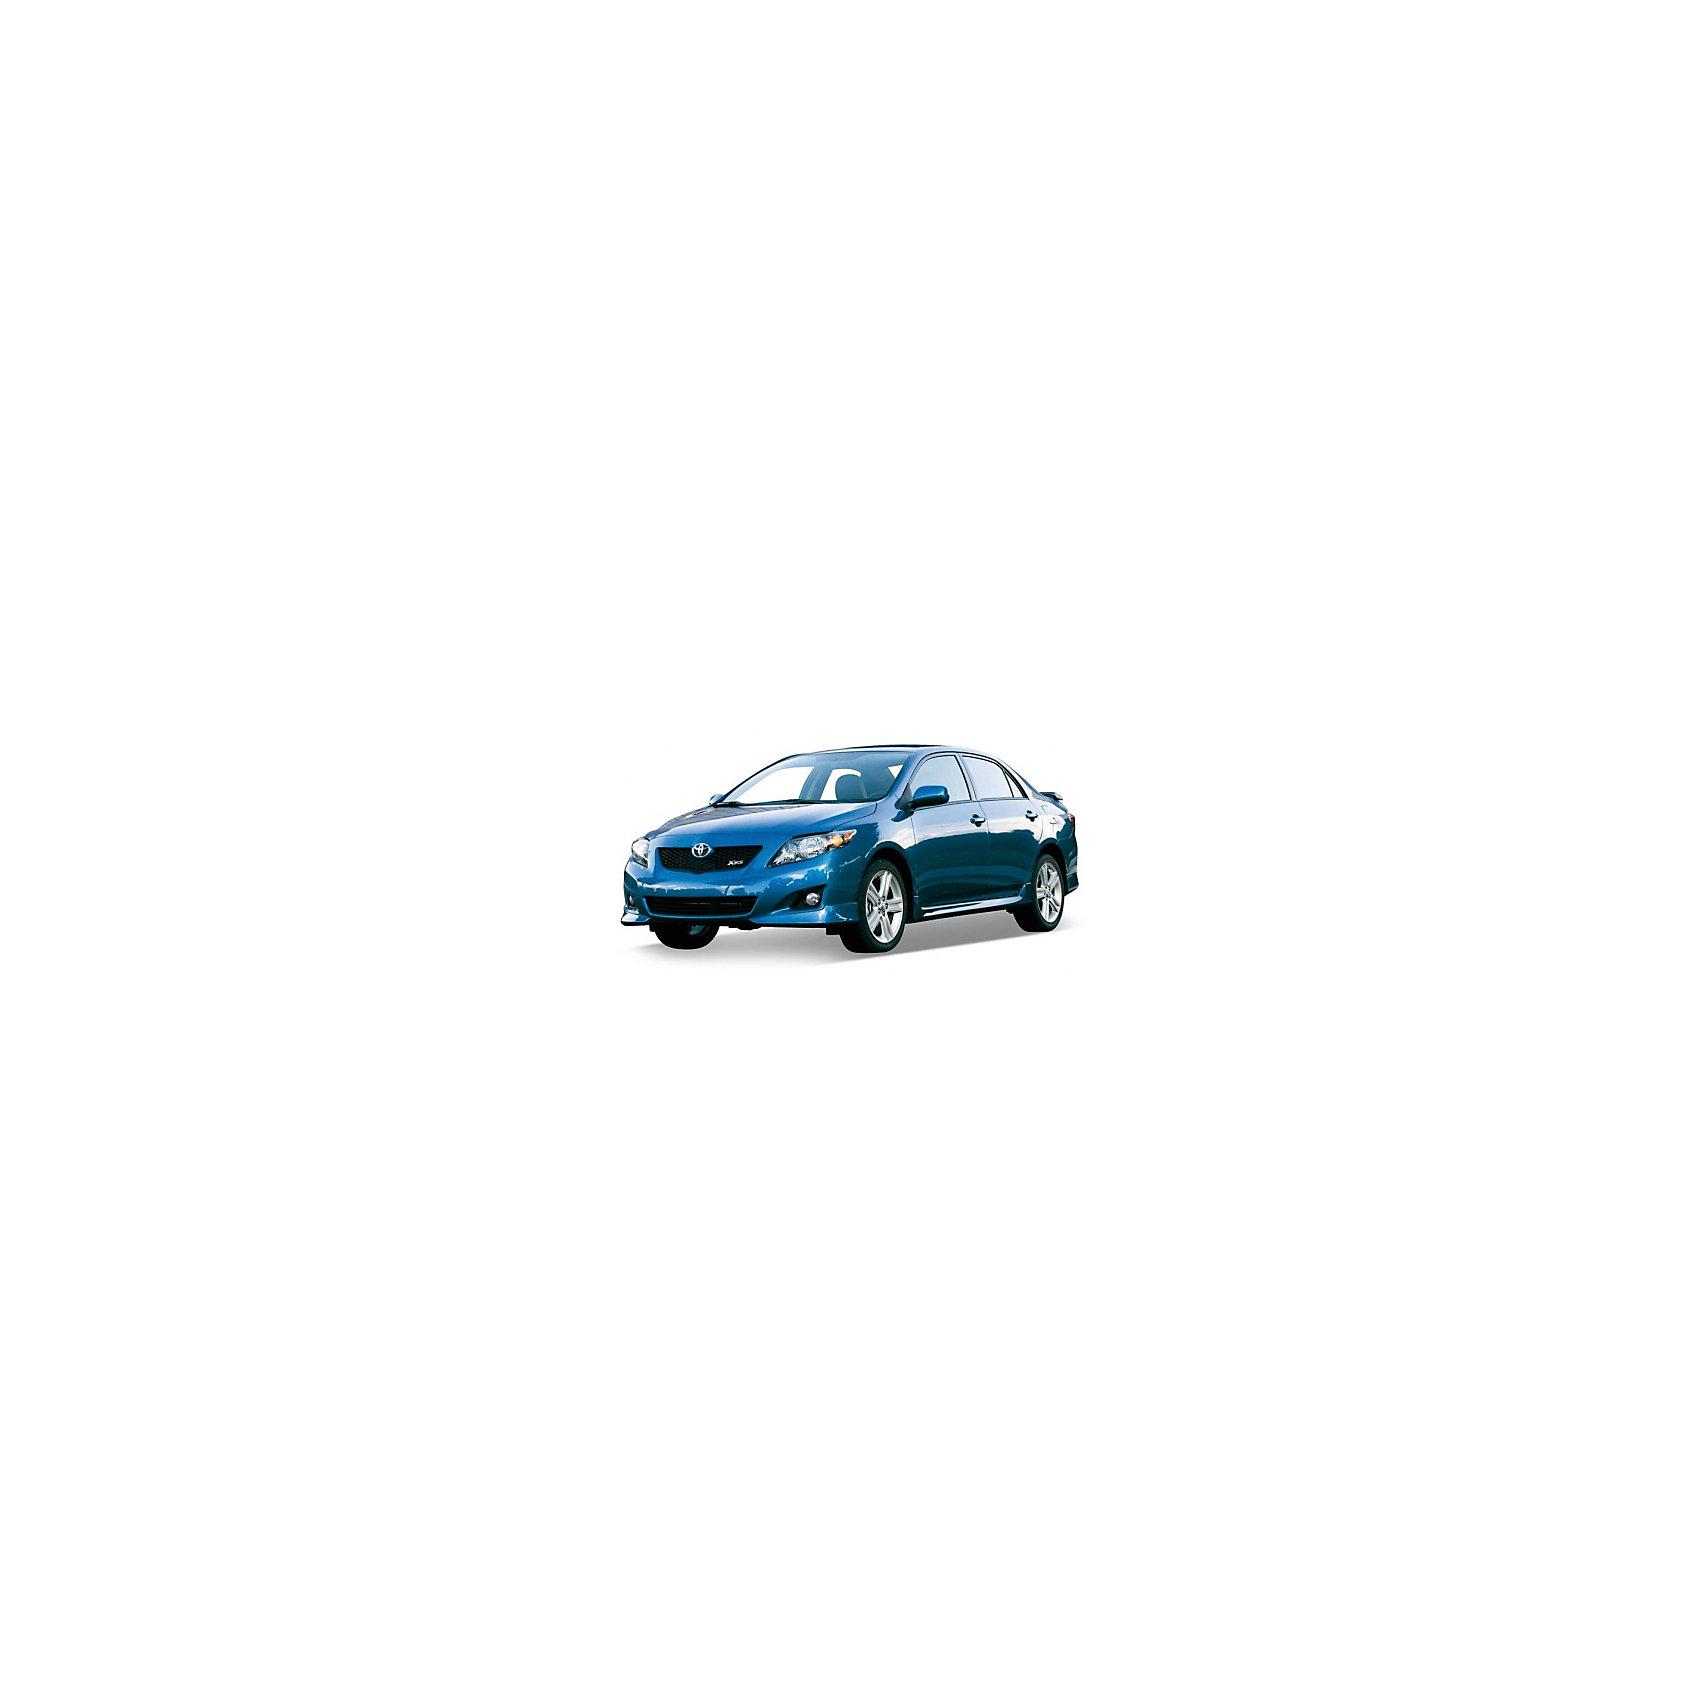 Модель машины 1:34-39 Toyota Corolla, WellyКоллекционные модели<br>Коллекционная модель масштаба 1:34 Toyota Corolla. Функции: открываются передние двери, инерционный механизм.<br>Цвет кузова автомобиля представлен в ассортименте. Выбрать определенный цвет заранее не представляется возможным.<br><br>Ширина мм: 60<br>Глубина мм: 110<br>Высота мм: 150<br>Вес г: 165<br>Возраст от месяцев: 36<br>Возраст до месяцев: 192<br>Пол: Мужской<br>Возраст: Детский<br>SKU: 4966523